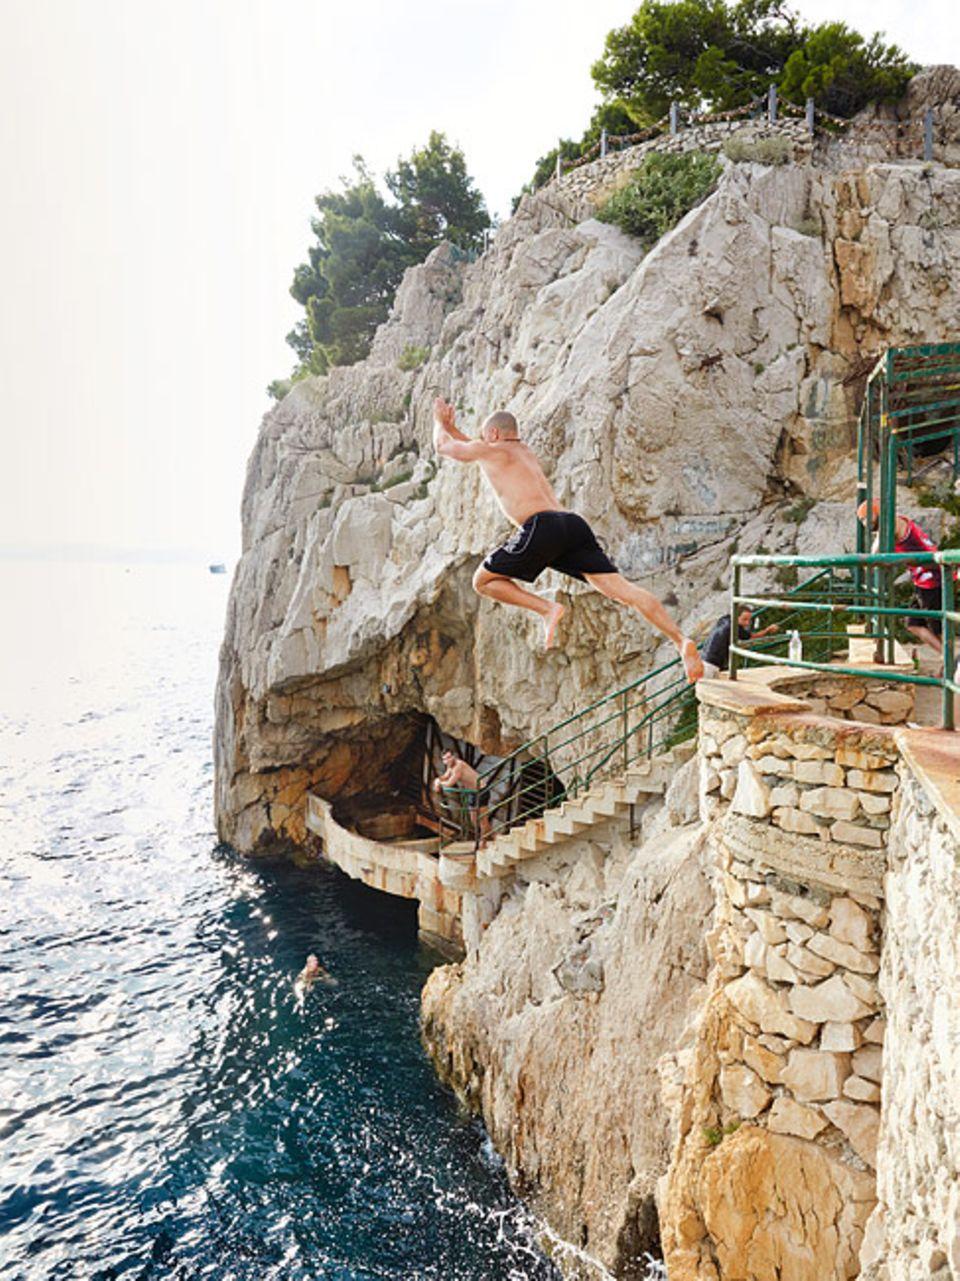 Kroatien: Wo kein Strand ist, hilft auch der Sprung von der Felsklippe für Erfrischung, wie hier in Makarska